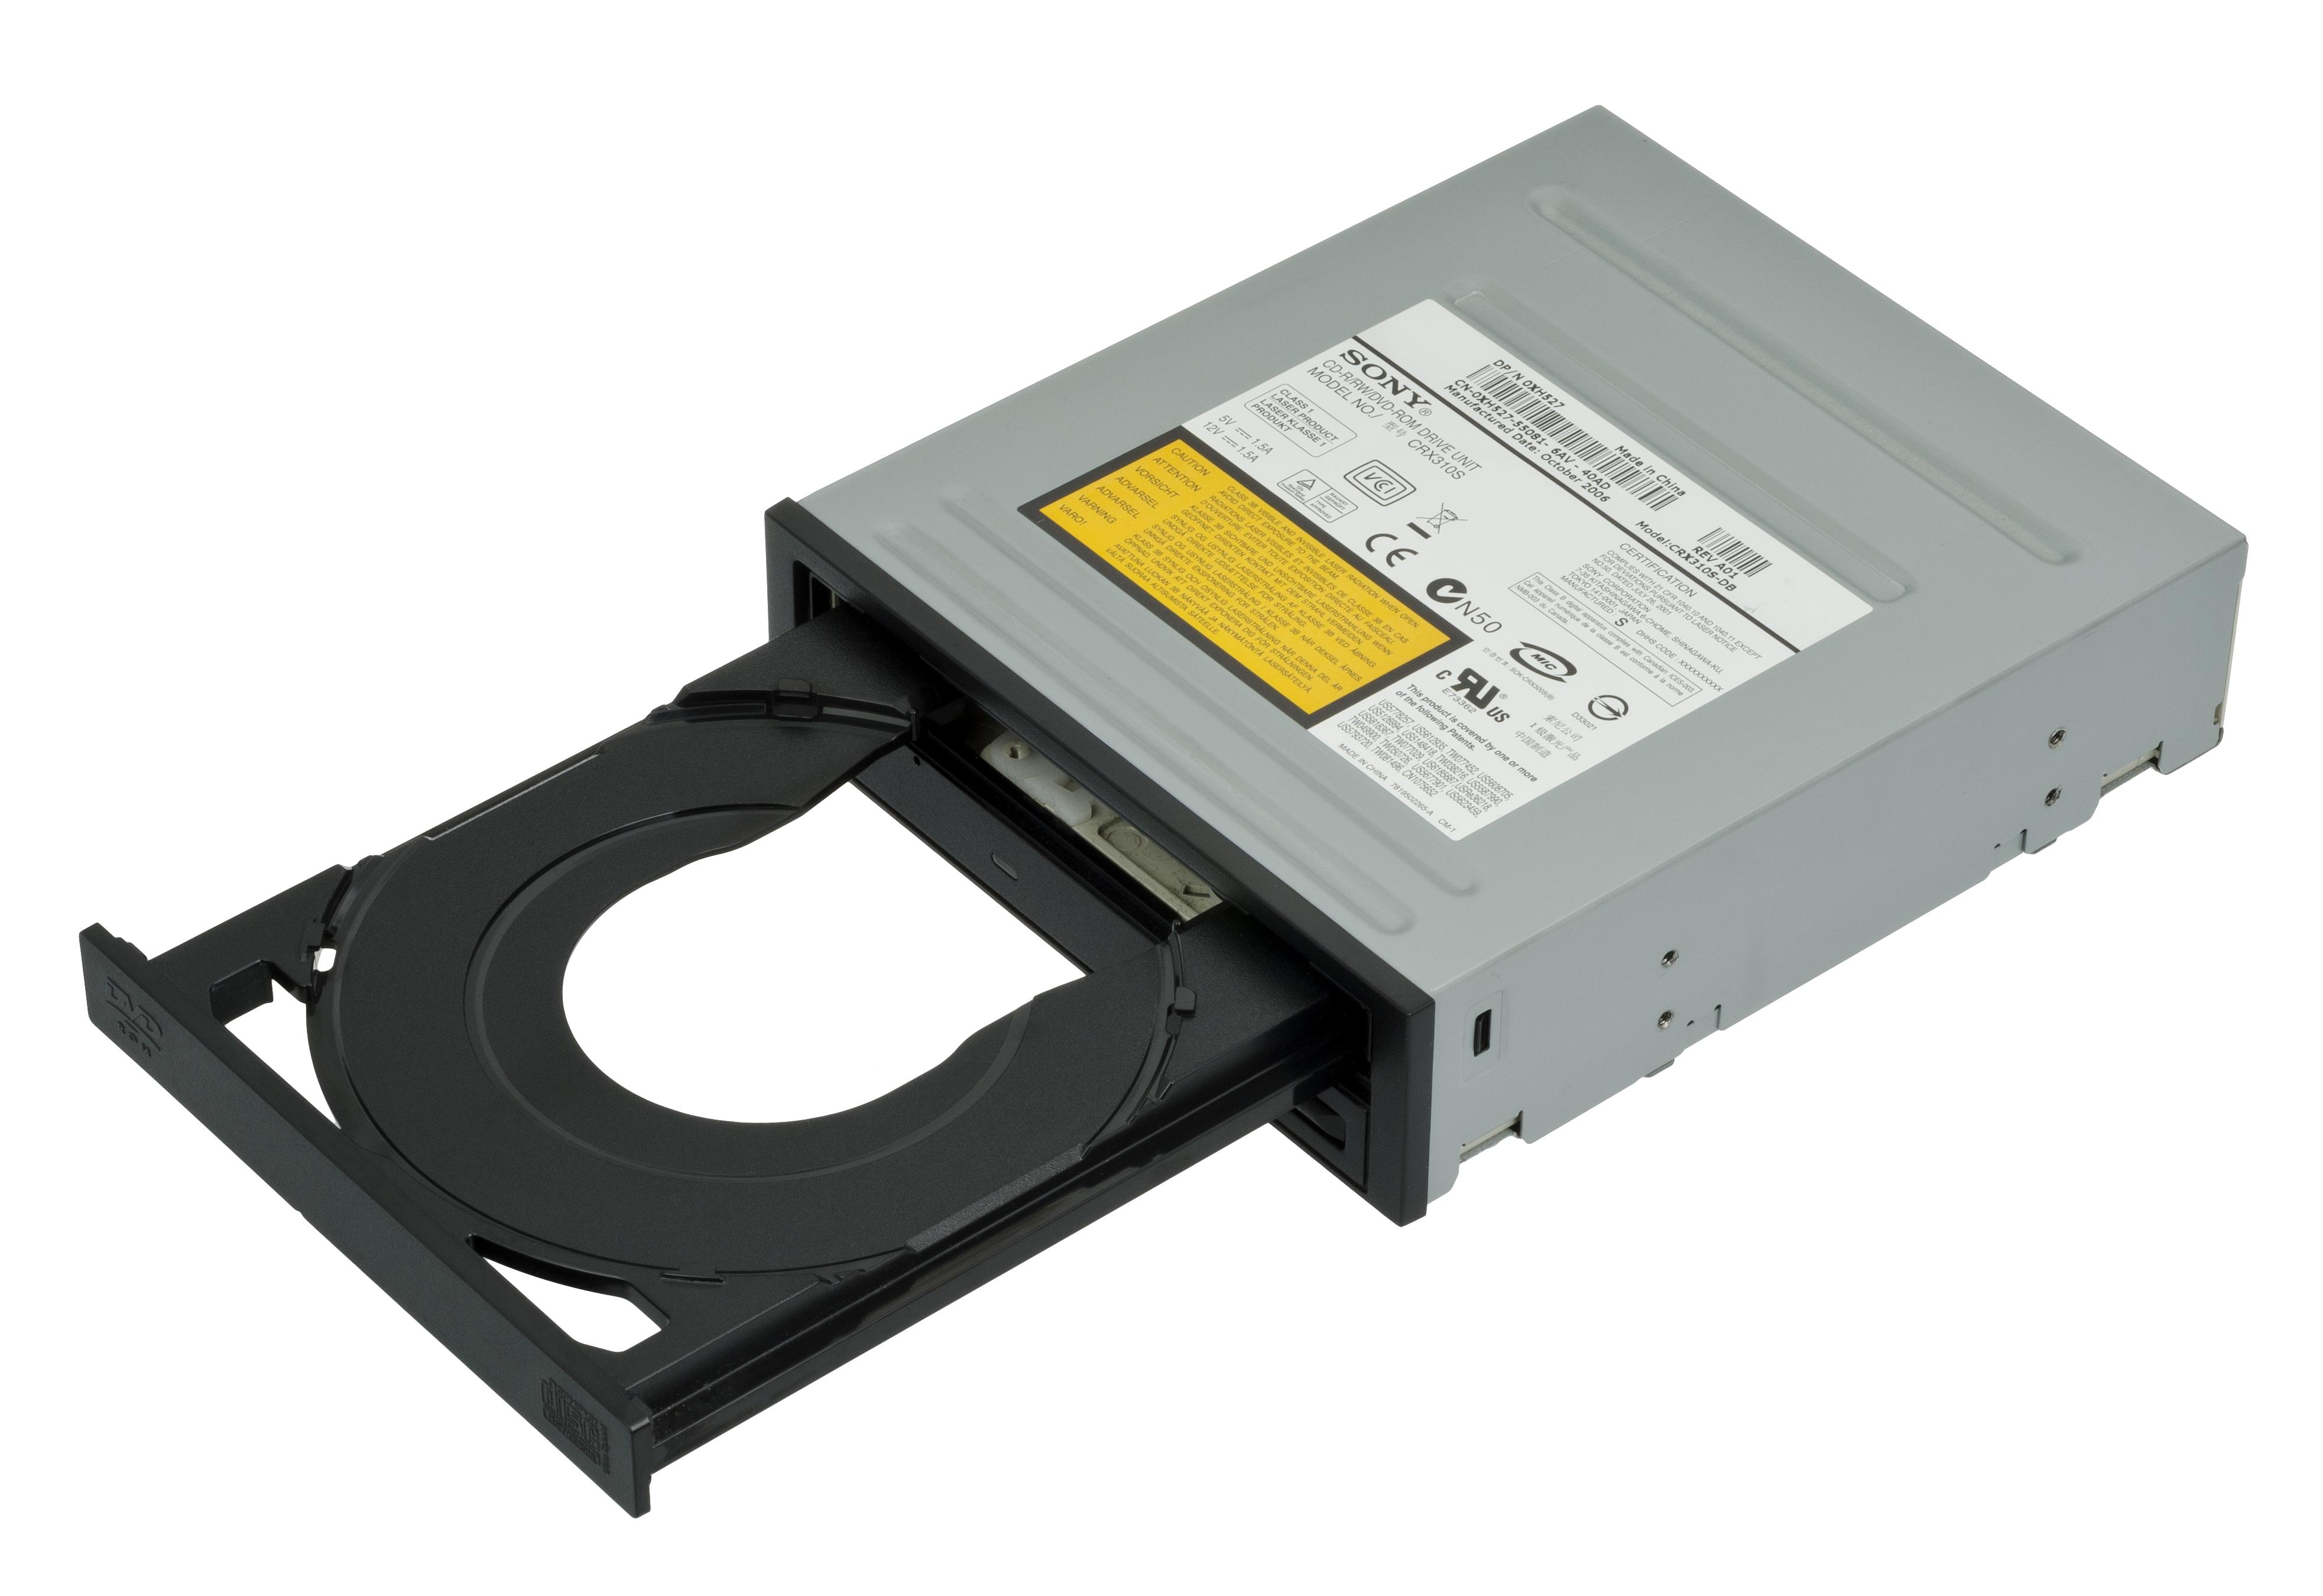 Optical Disk Drive.jpg